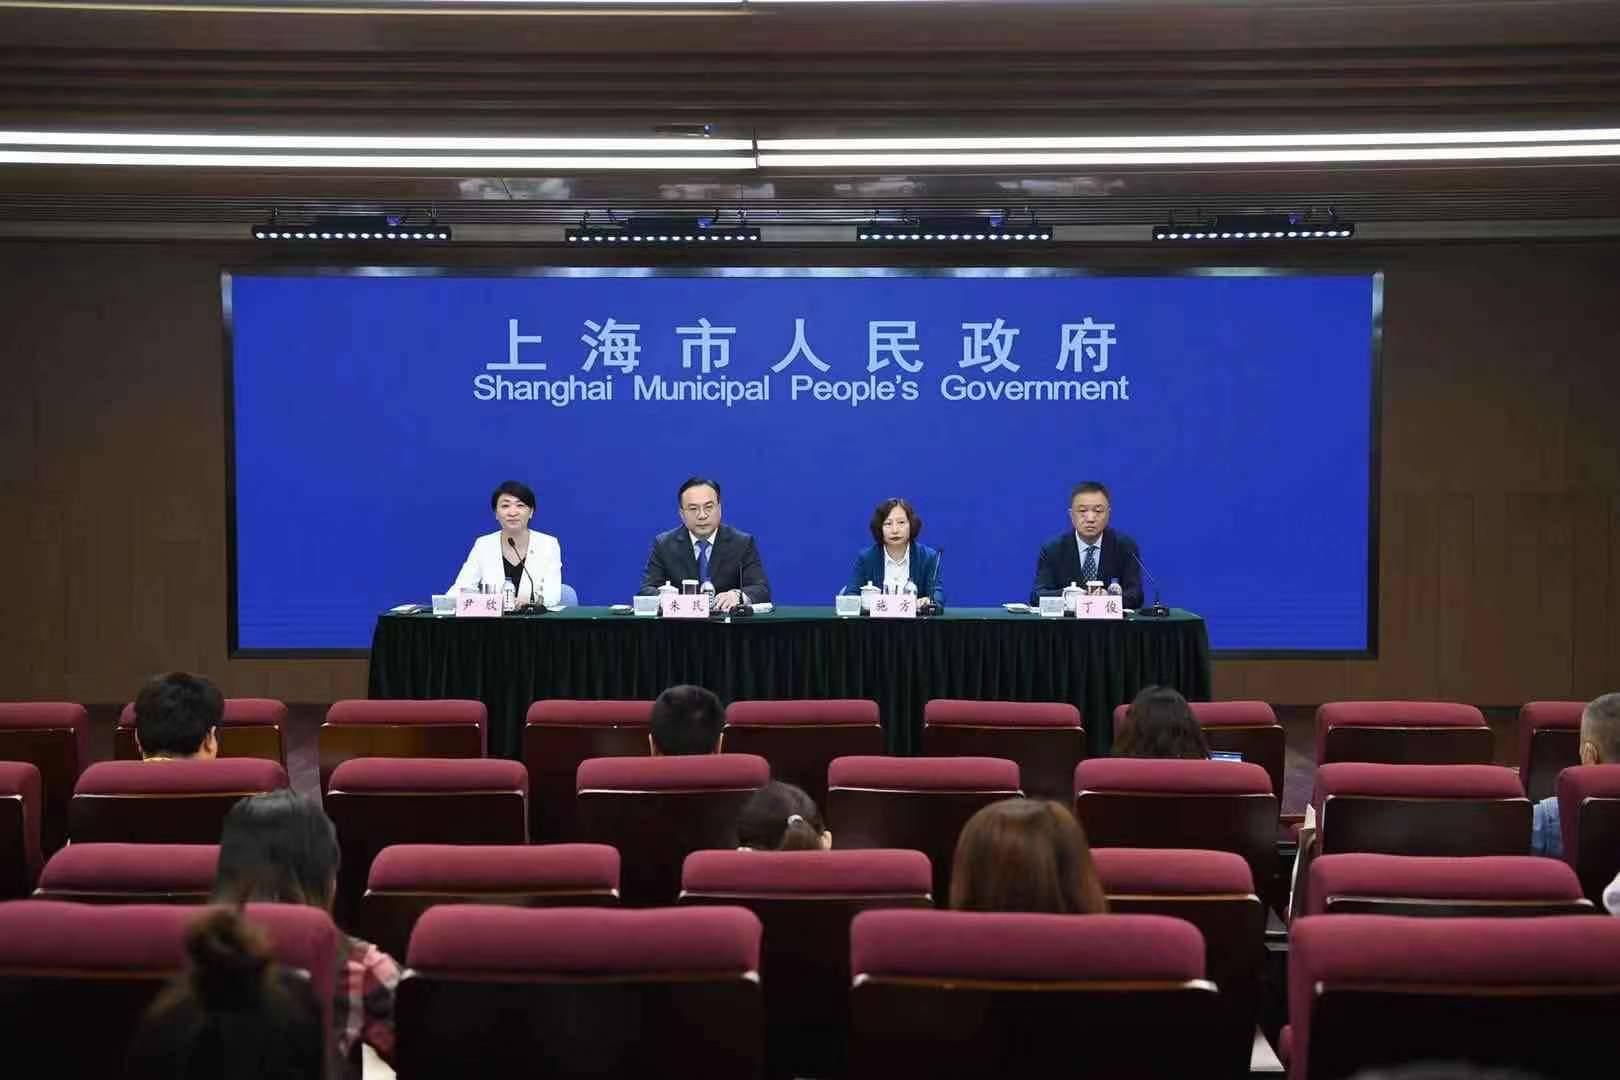 上海市第七次全国人口普查:受高等教育人口比重快速提高 文盲率下降为1.61%